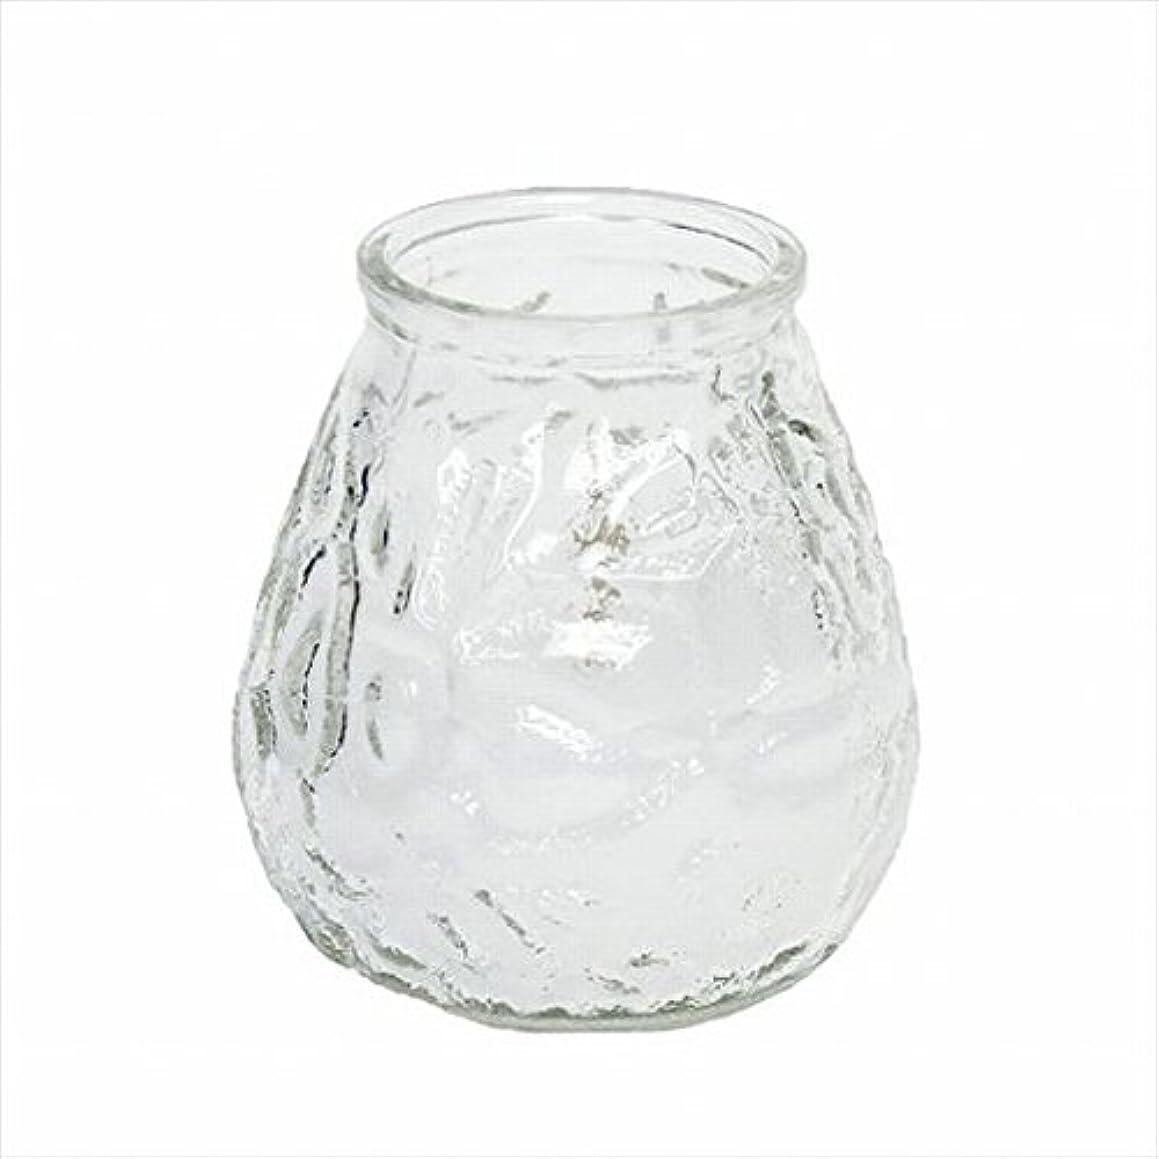 考古学的なティッシュ有効なカメヤマキャンドル(kameyama candle) ネオベネチアン(ライトカラー) 「 クリア 」